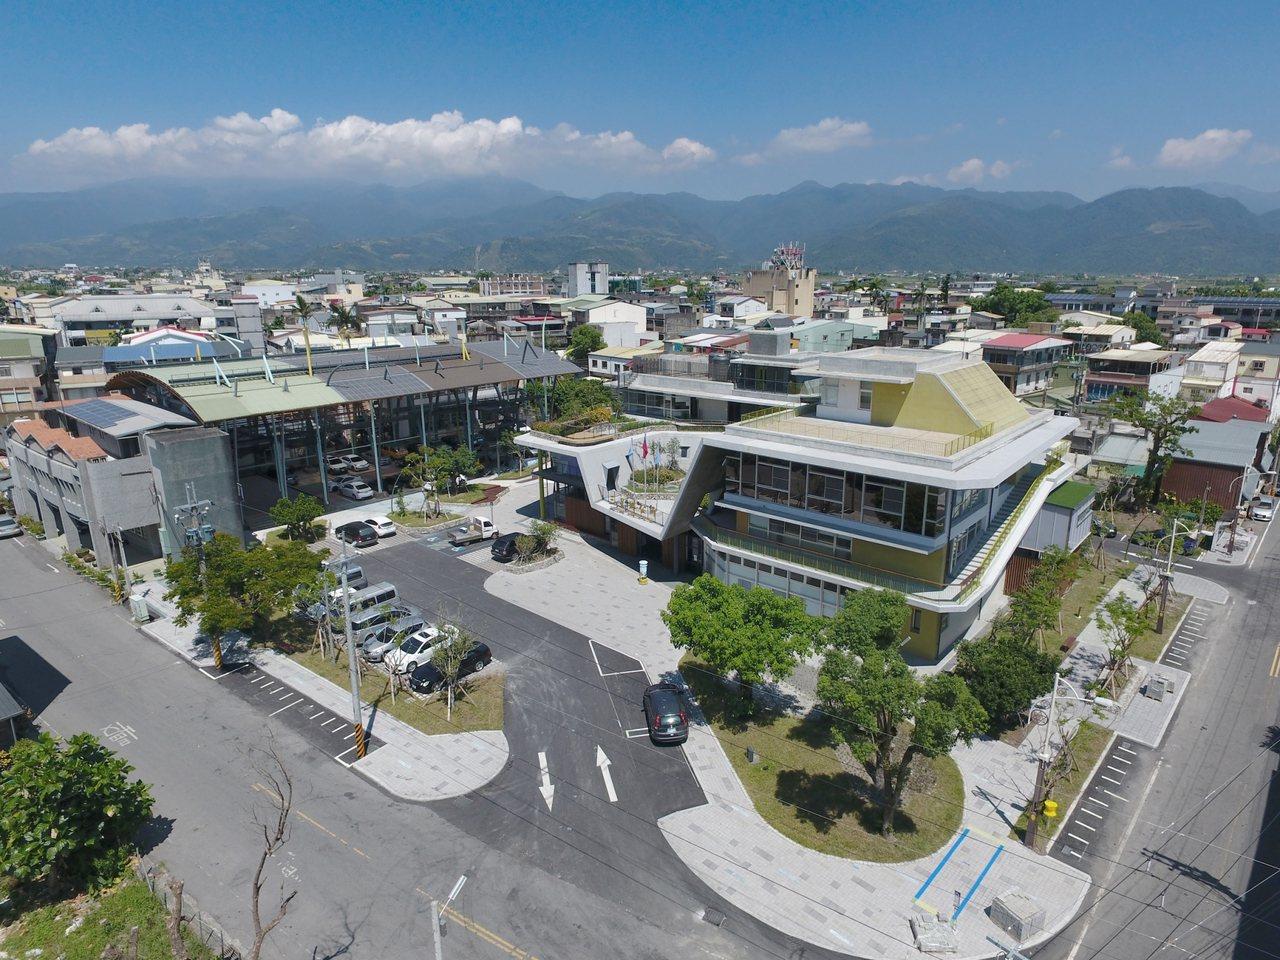 宜蘭縣新三星鄉公所入圍今年台灣建築獎。圖/寬和建築事務所提供 蔡岳倫攝影